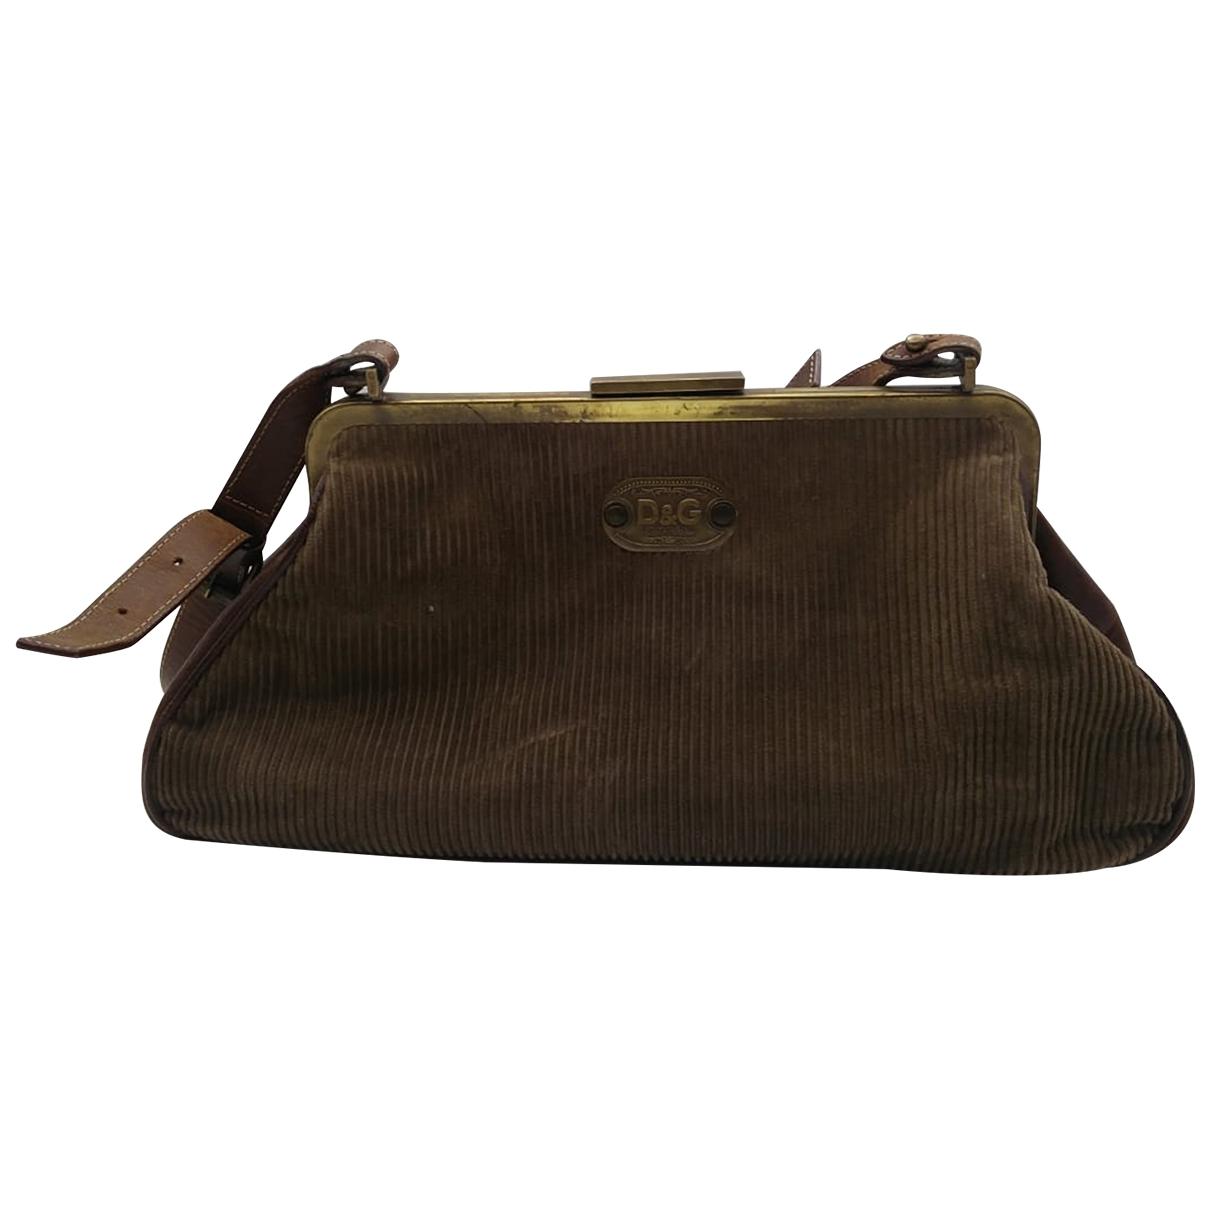 D&g \N Khaki Velvet handbag for Women \N